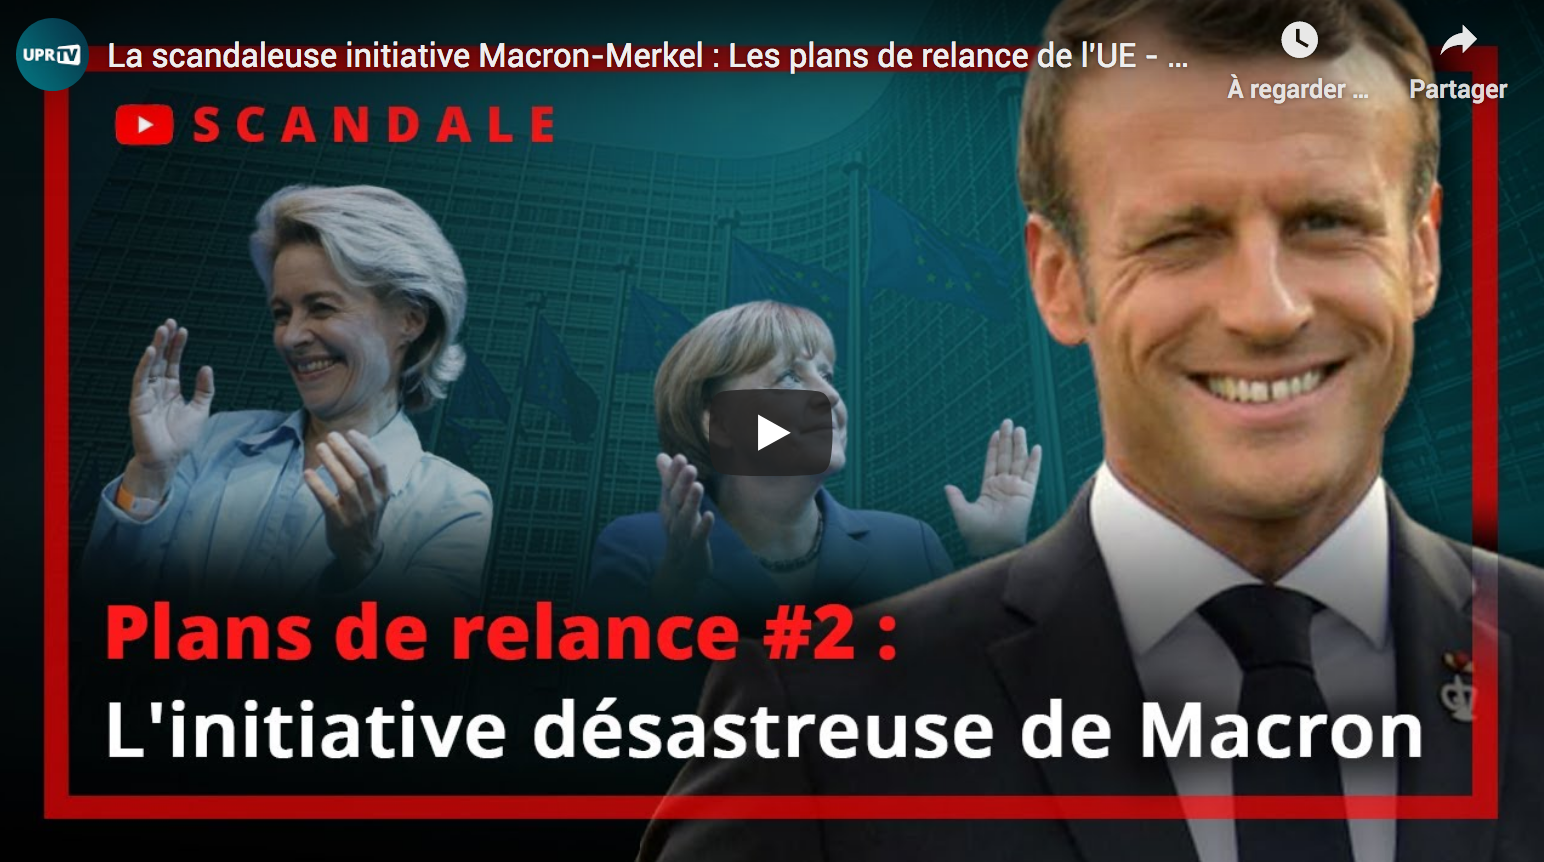 La scandaleuse initiative Macron-Merkel : Les plans de relance de l'UE (François Asselineau)